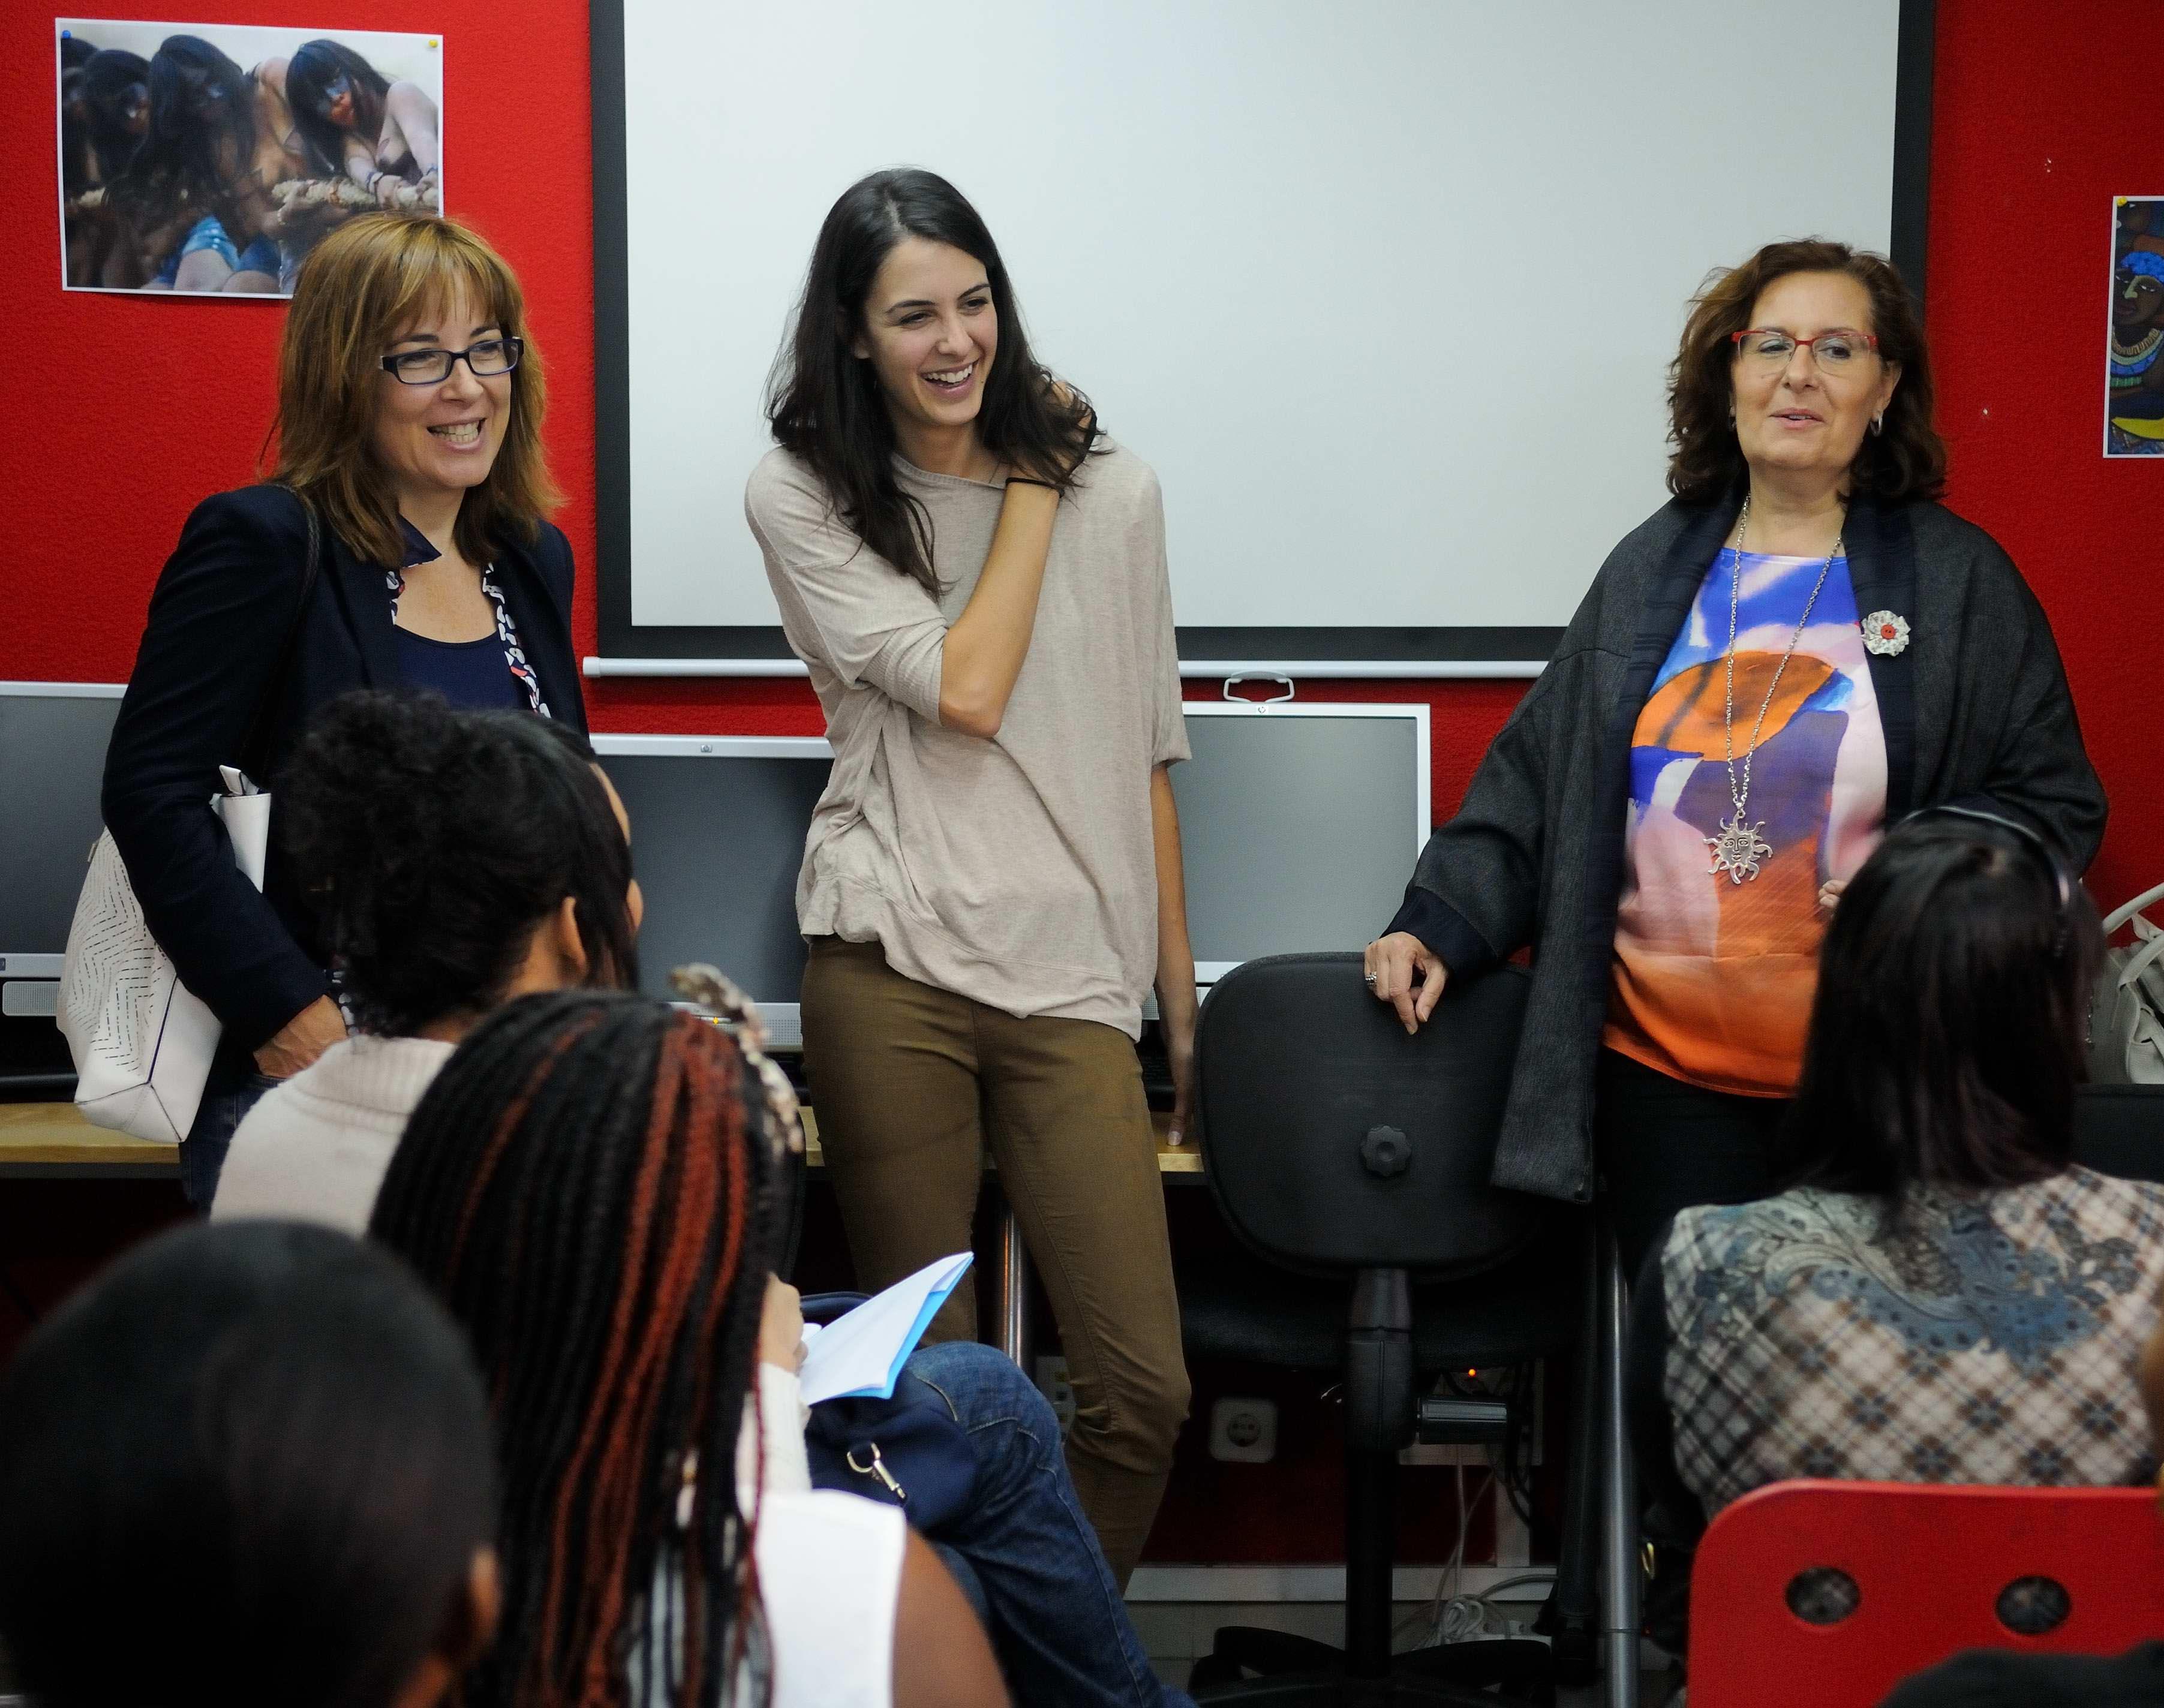 La portavoz municipal, Rita Maestre, en una visita reciente al Centro Concepción Arenal, el primer dispositivo municipal de atención específica y especializada a mujeres que quieren dejar la prostitución